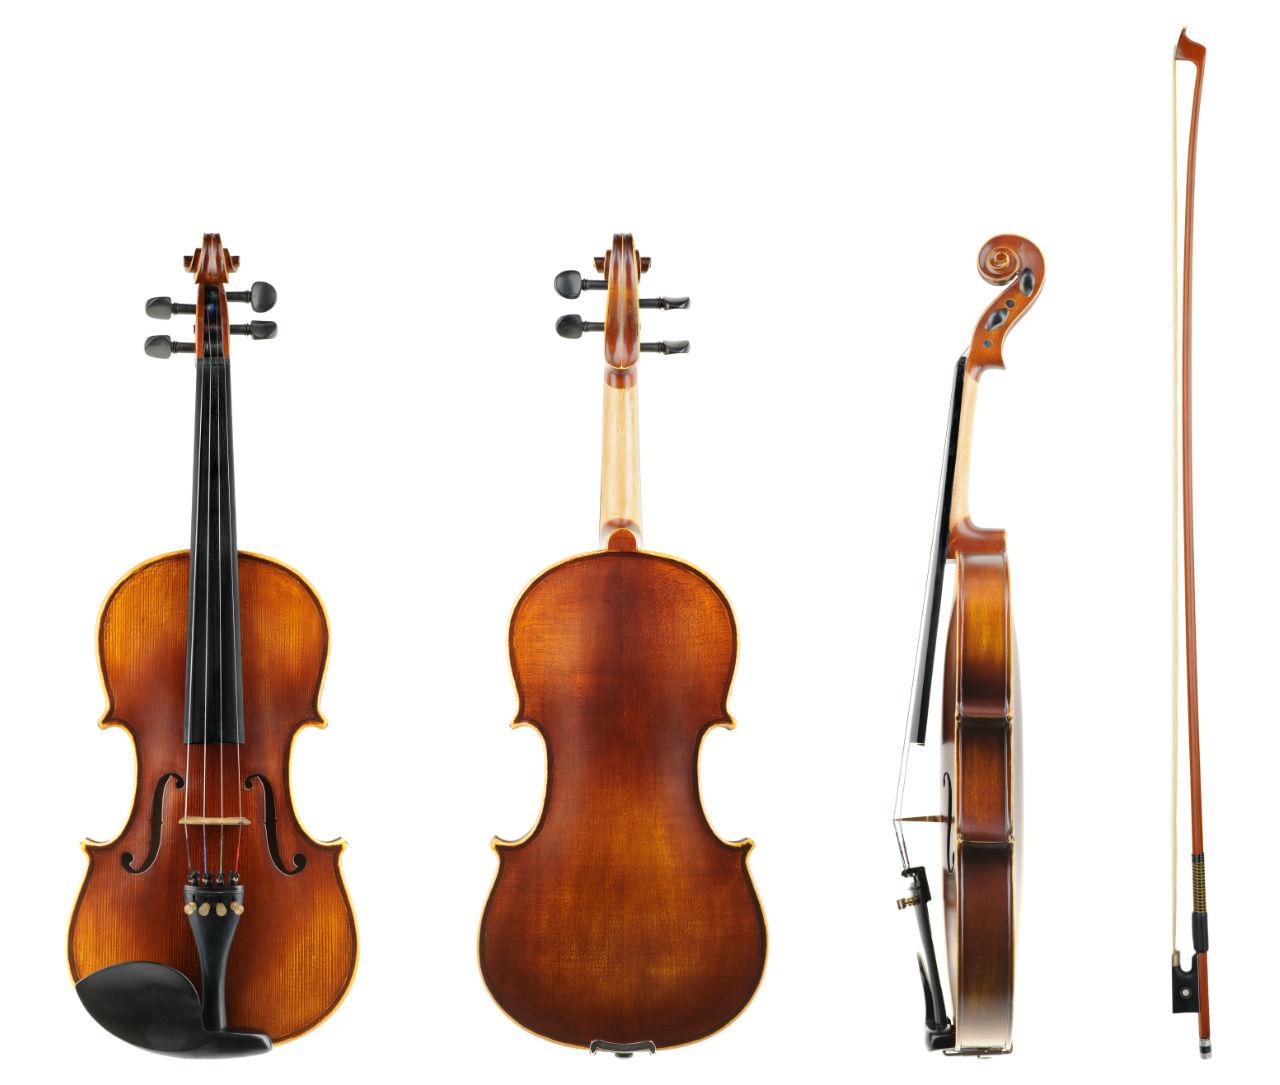 The Violin Family - Violin